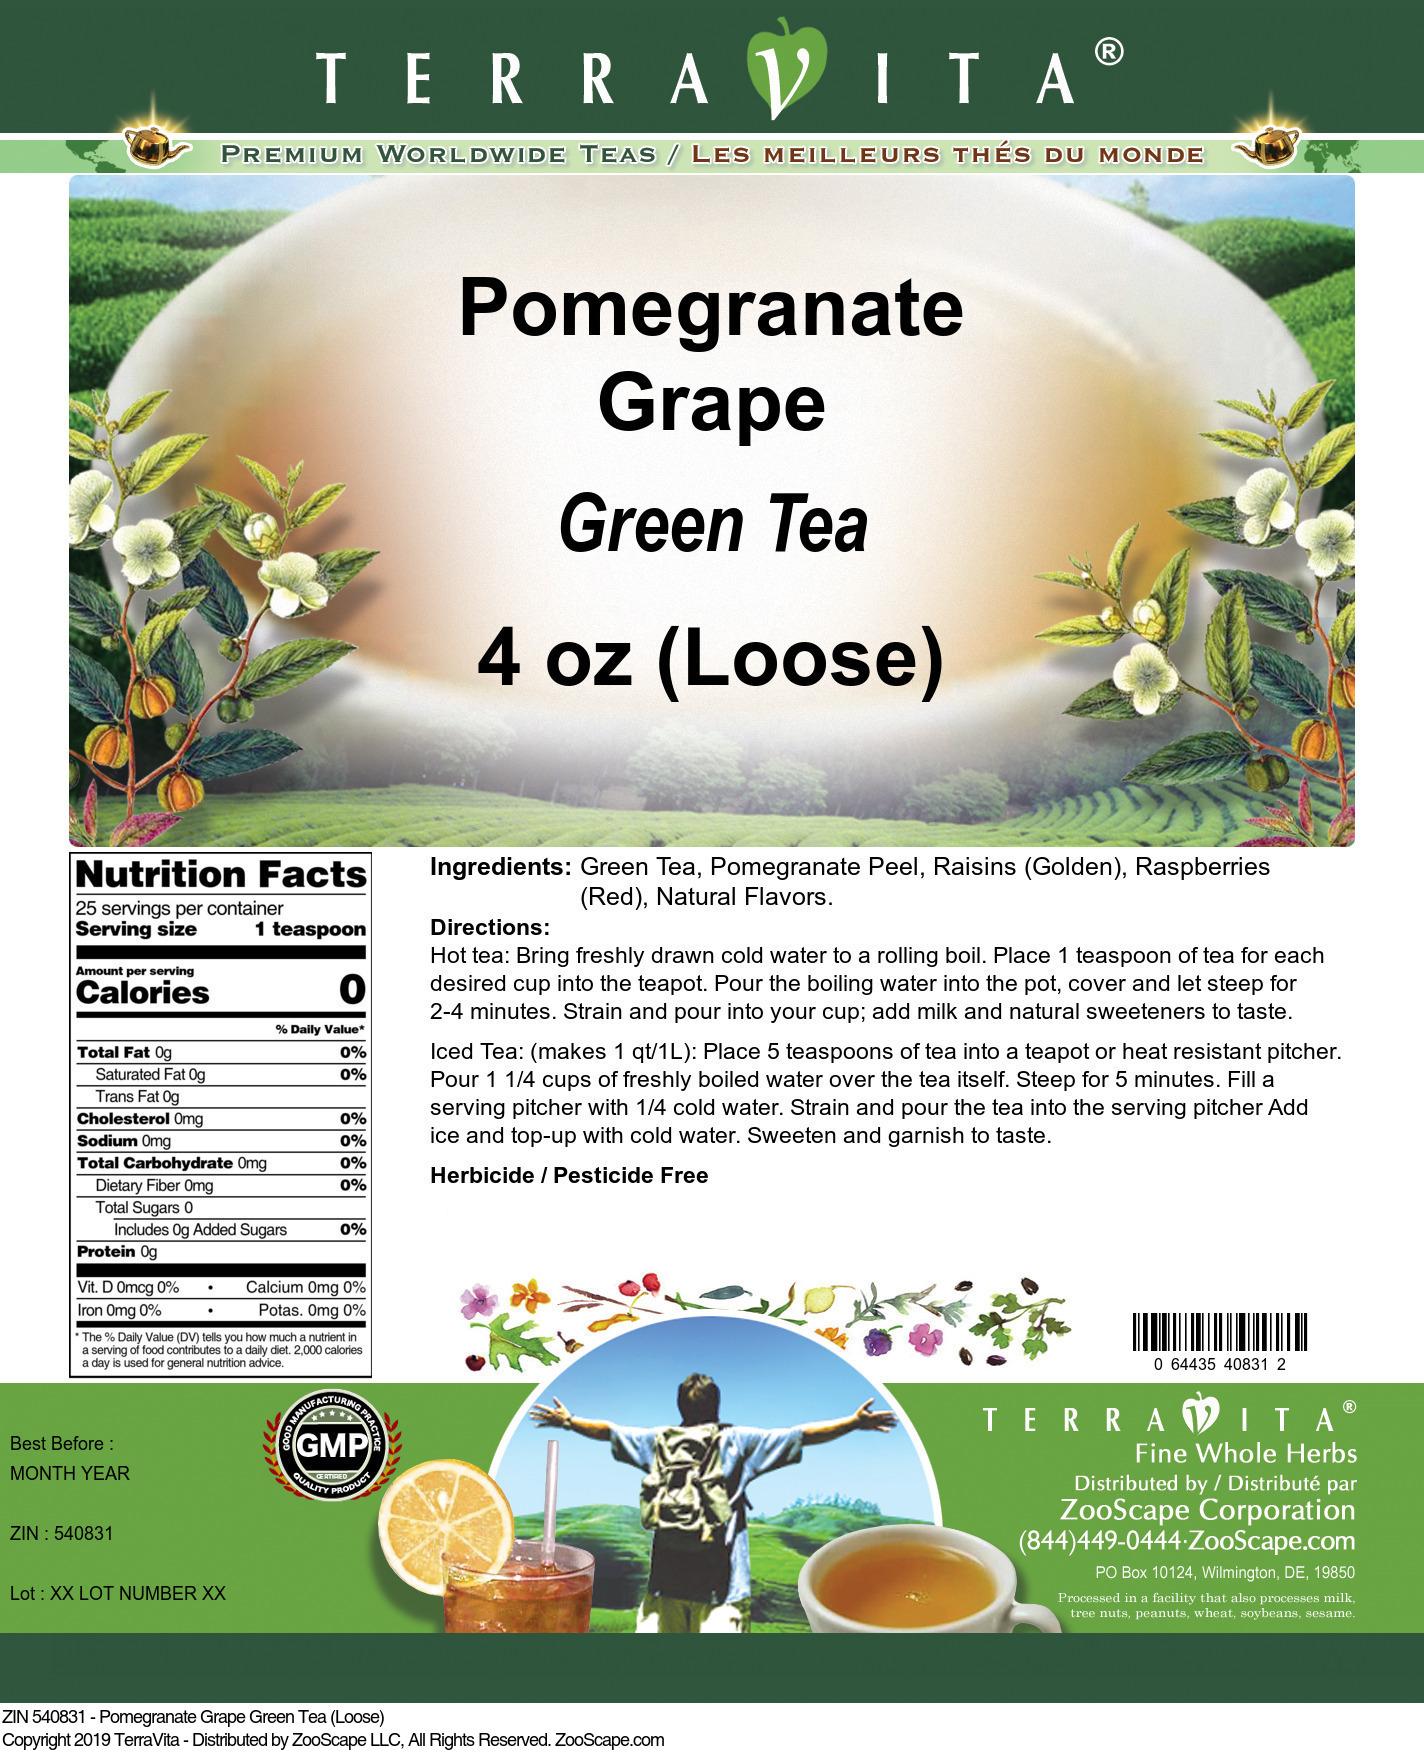 Pomegranate Grape Green Tea (Loose)